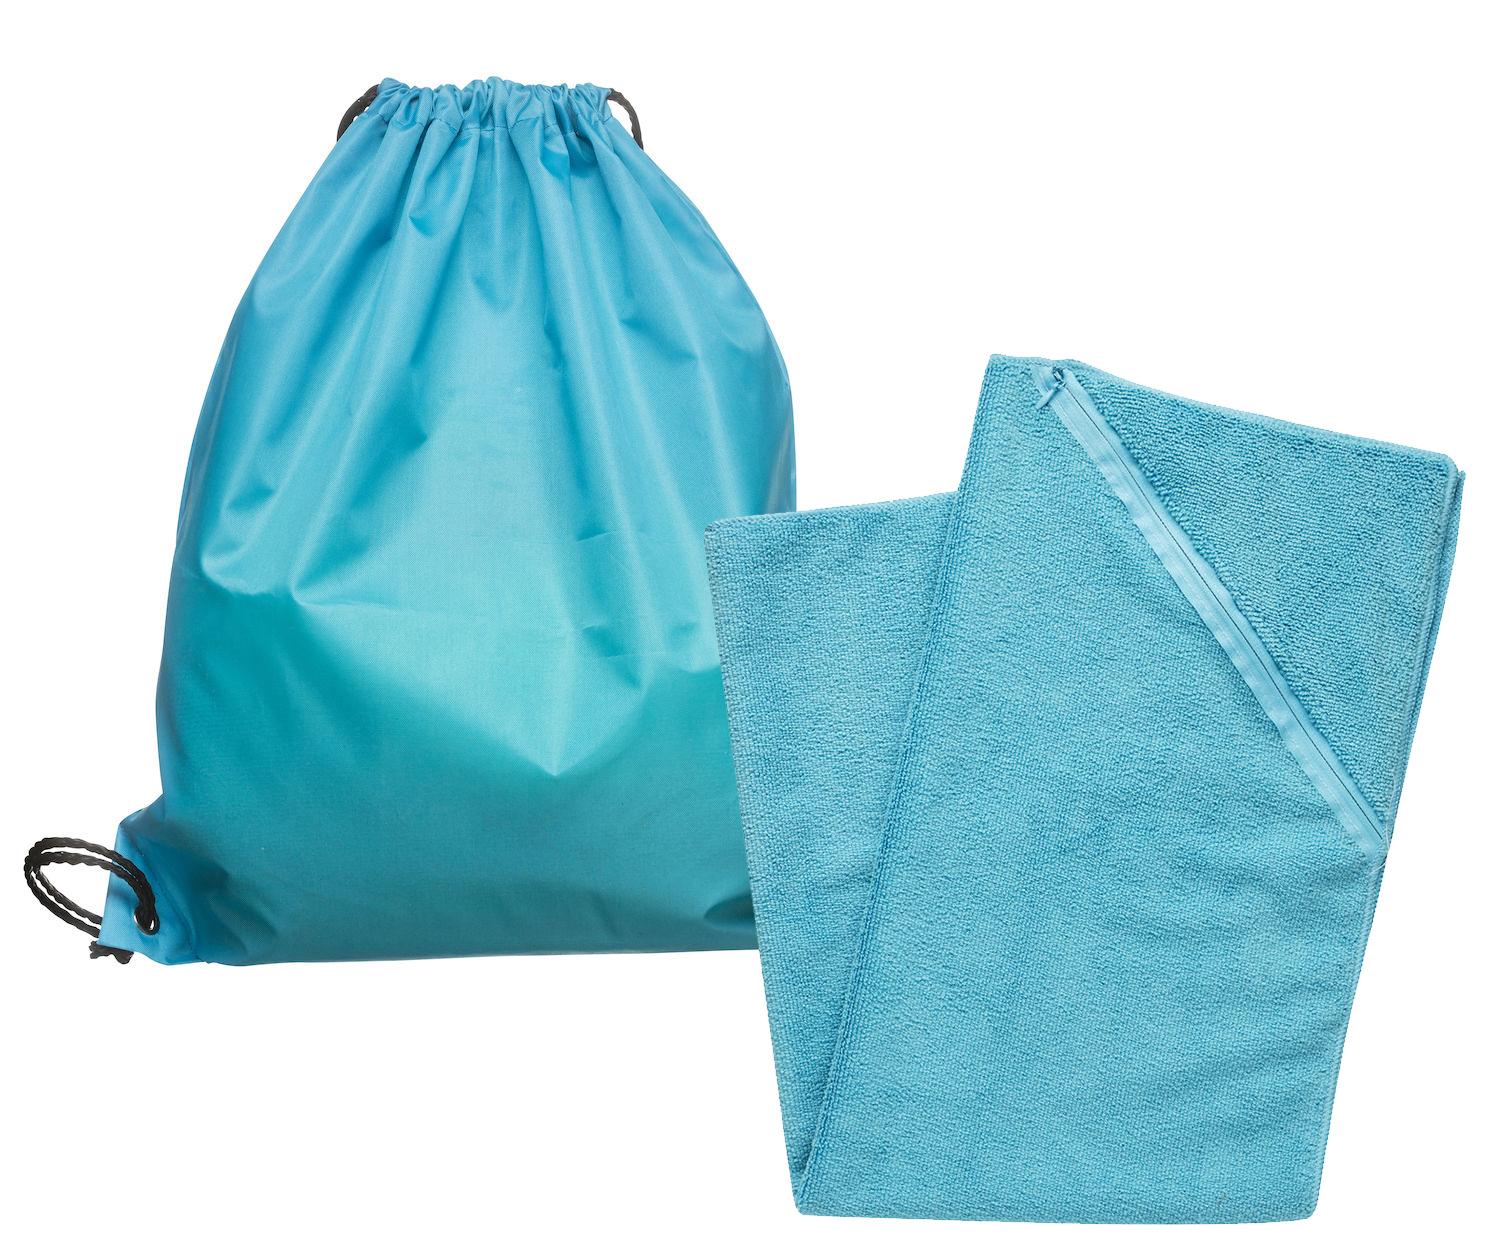 Gymsett - Gymbag og sportshåndkle. Gympose i polyester. Håndkle i microfiber. Strl 50x80 cm. Fra Sagaform89,-